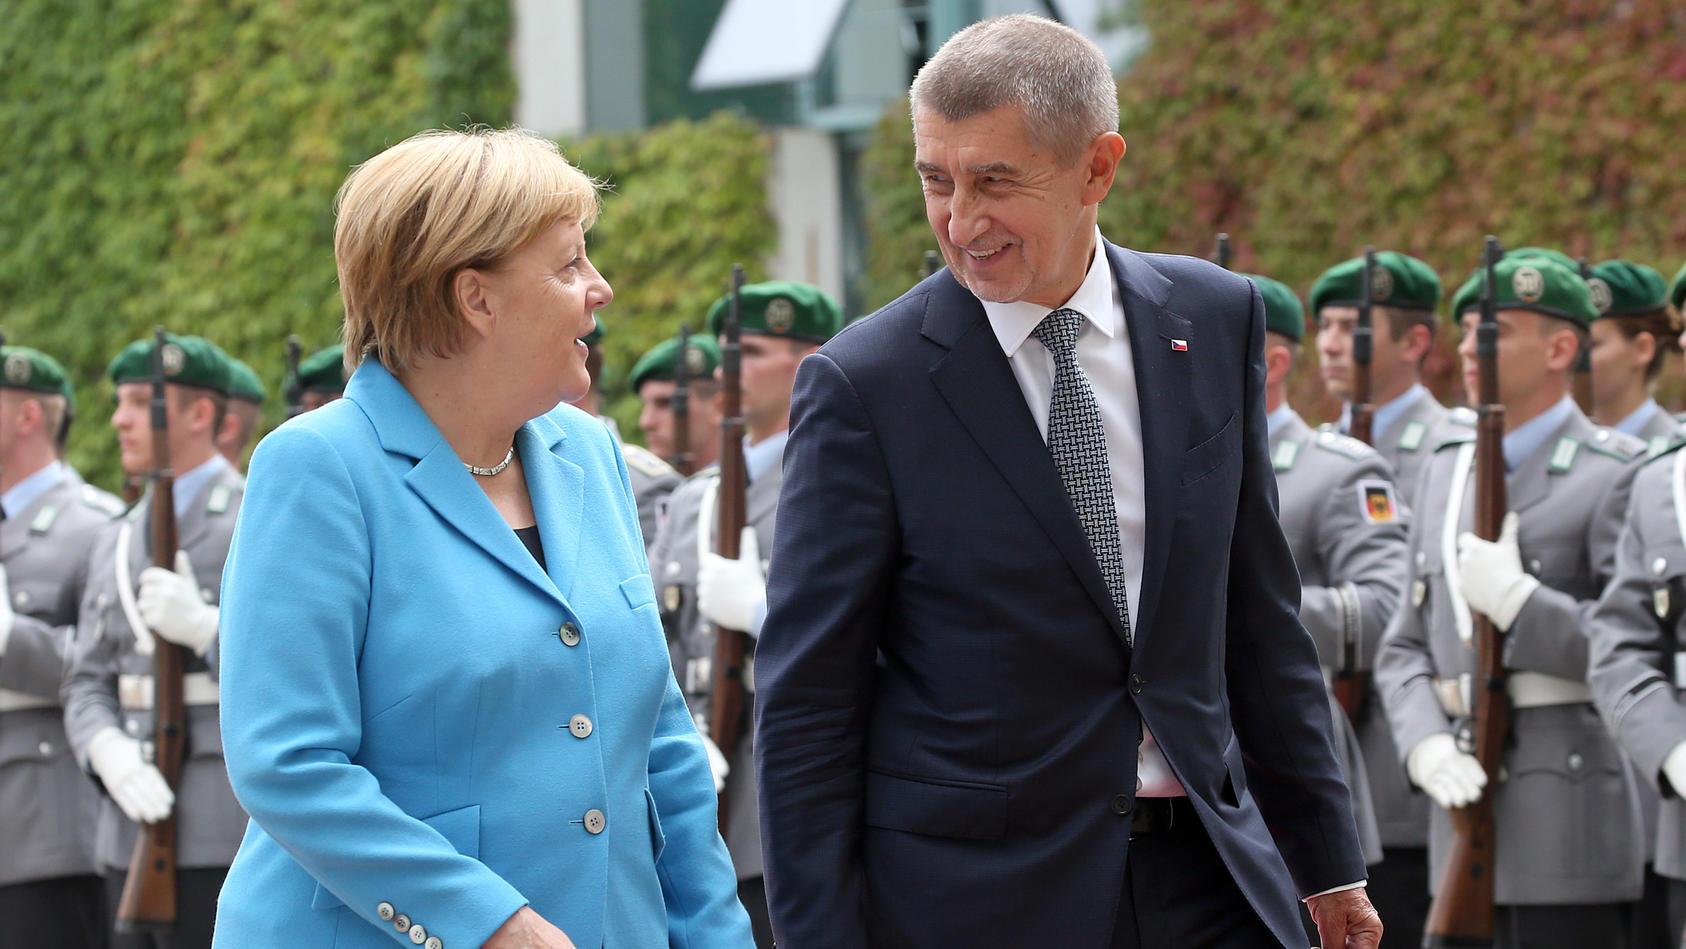 Der tschechische Premierminister Andrej Babis besucht Bundeskanzlerin Angela Merkel in Berlin.